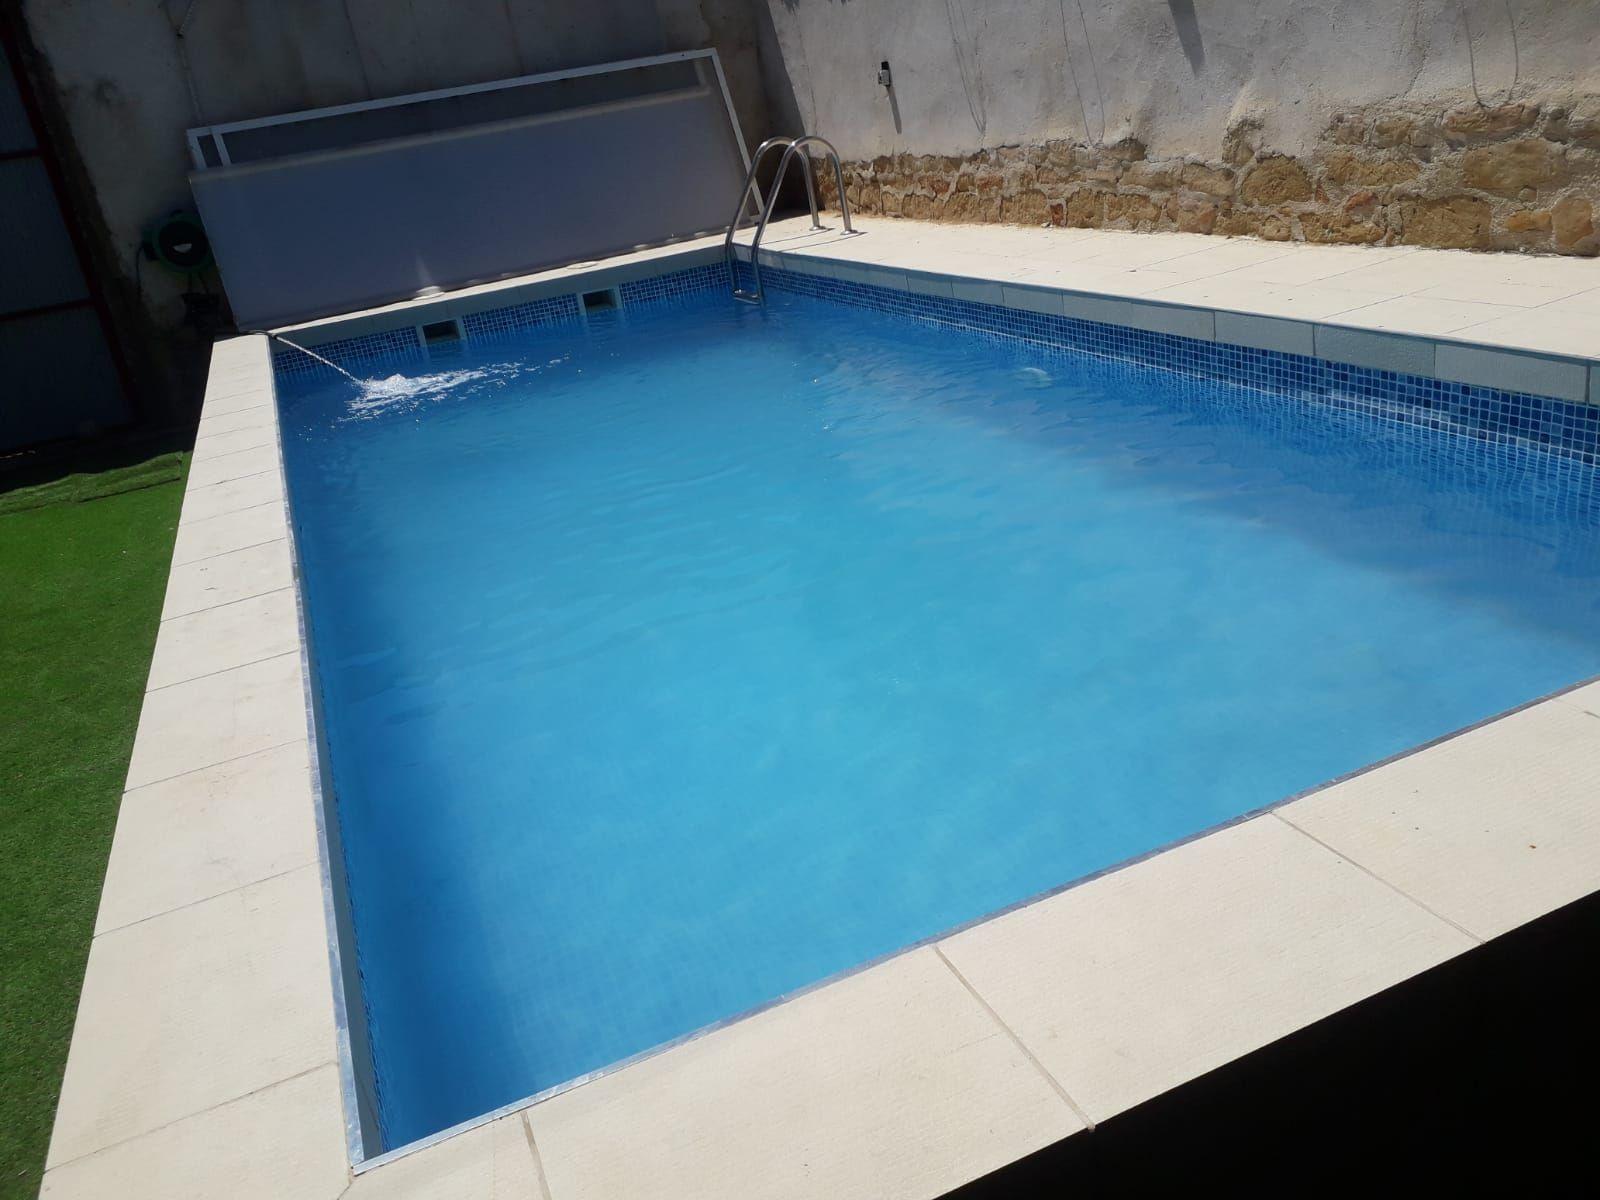 Trabajos de reforma en piscinas en Salamanca